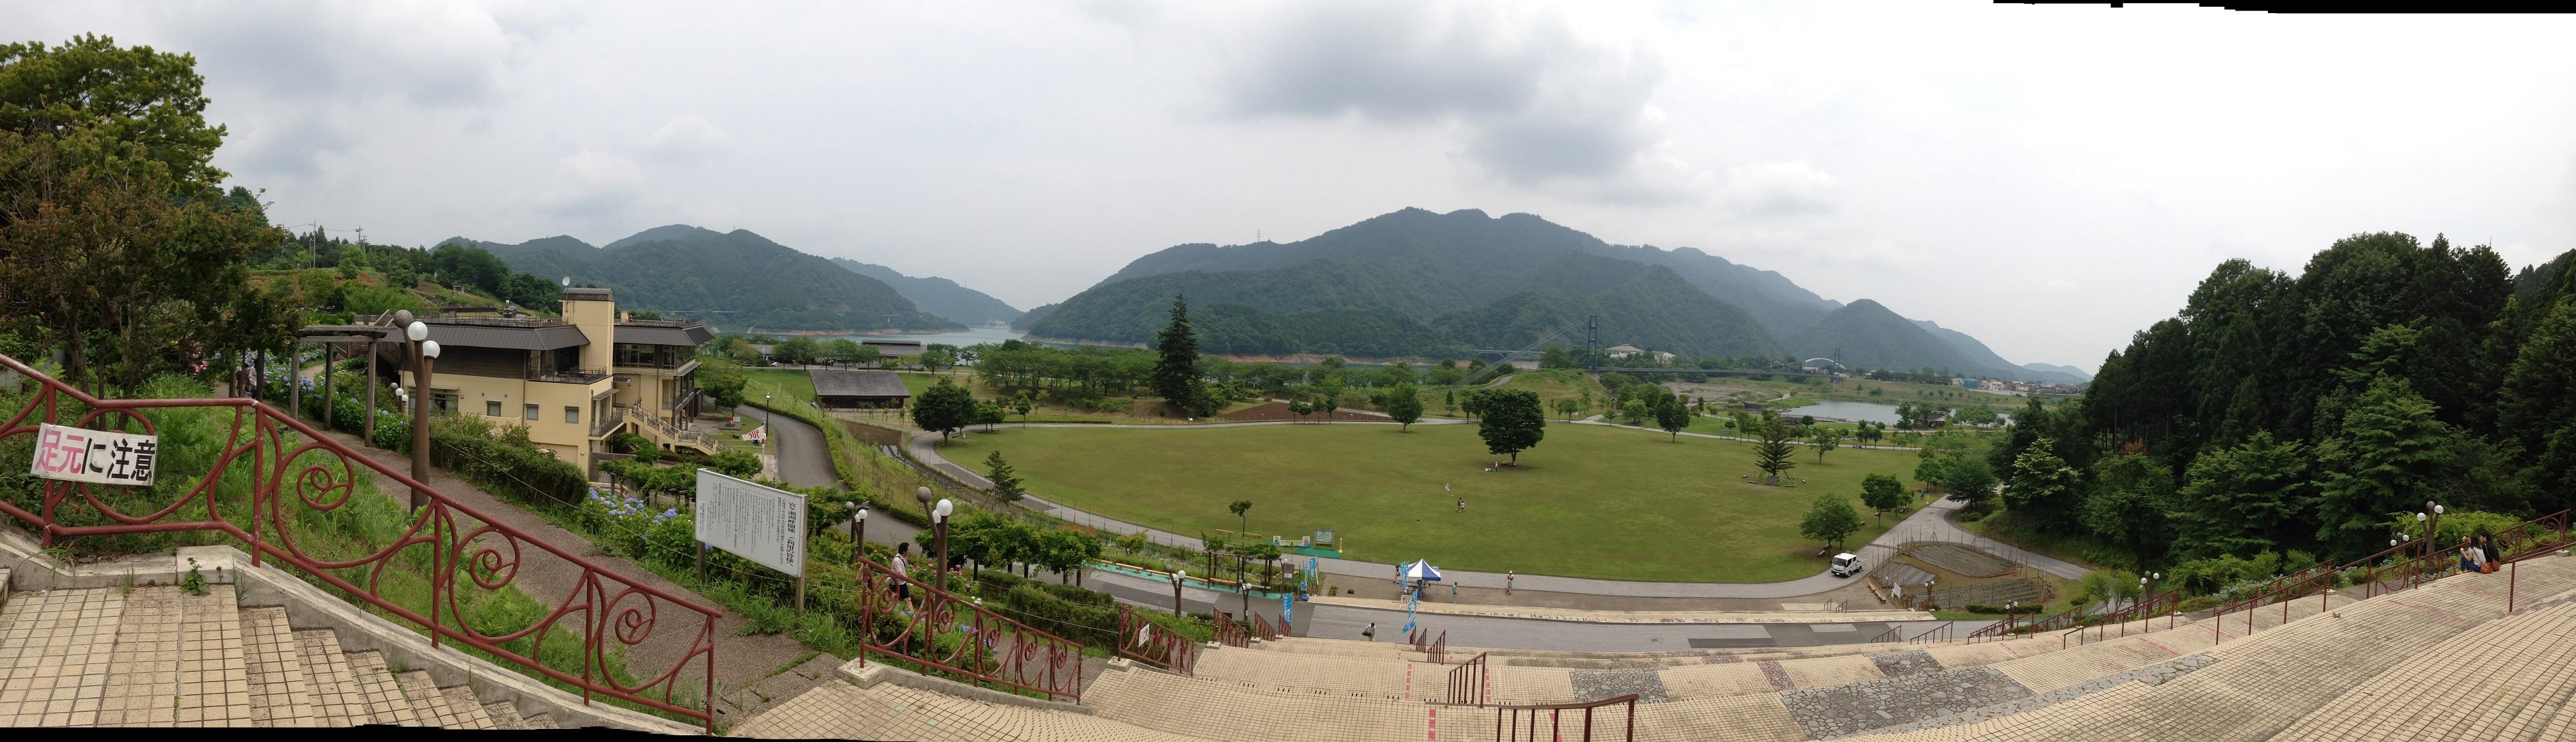 【神奈川県清川村】宮ヶ瀬湖畔園地に行ってきたよ!